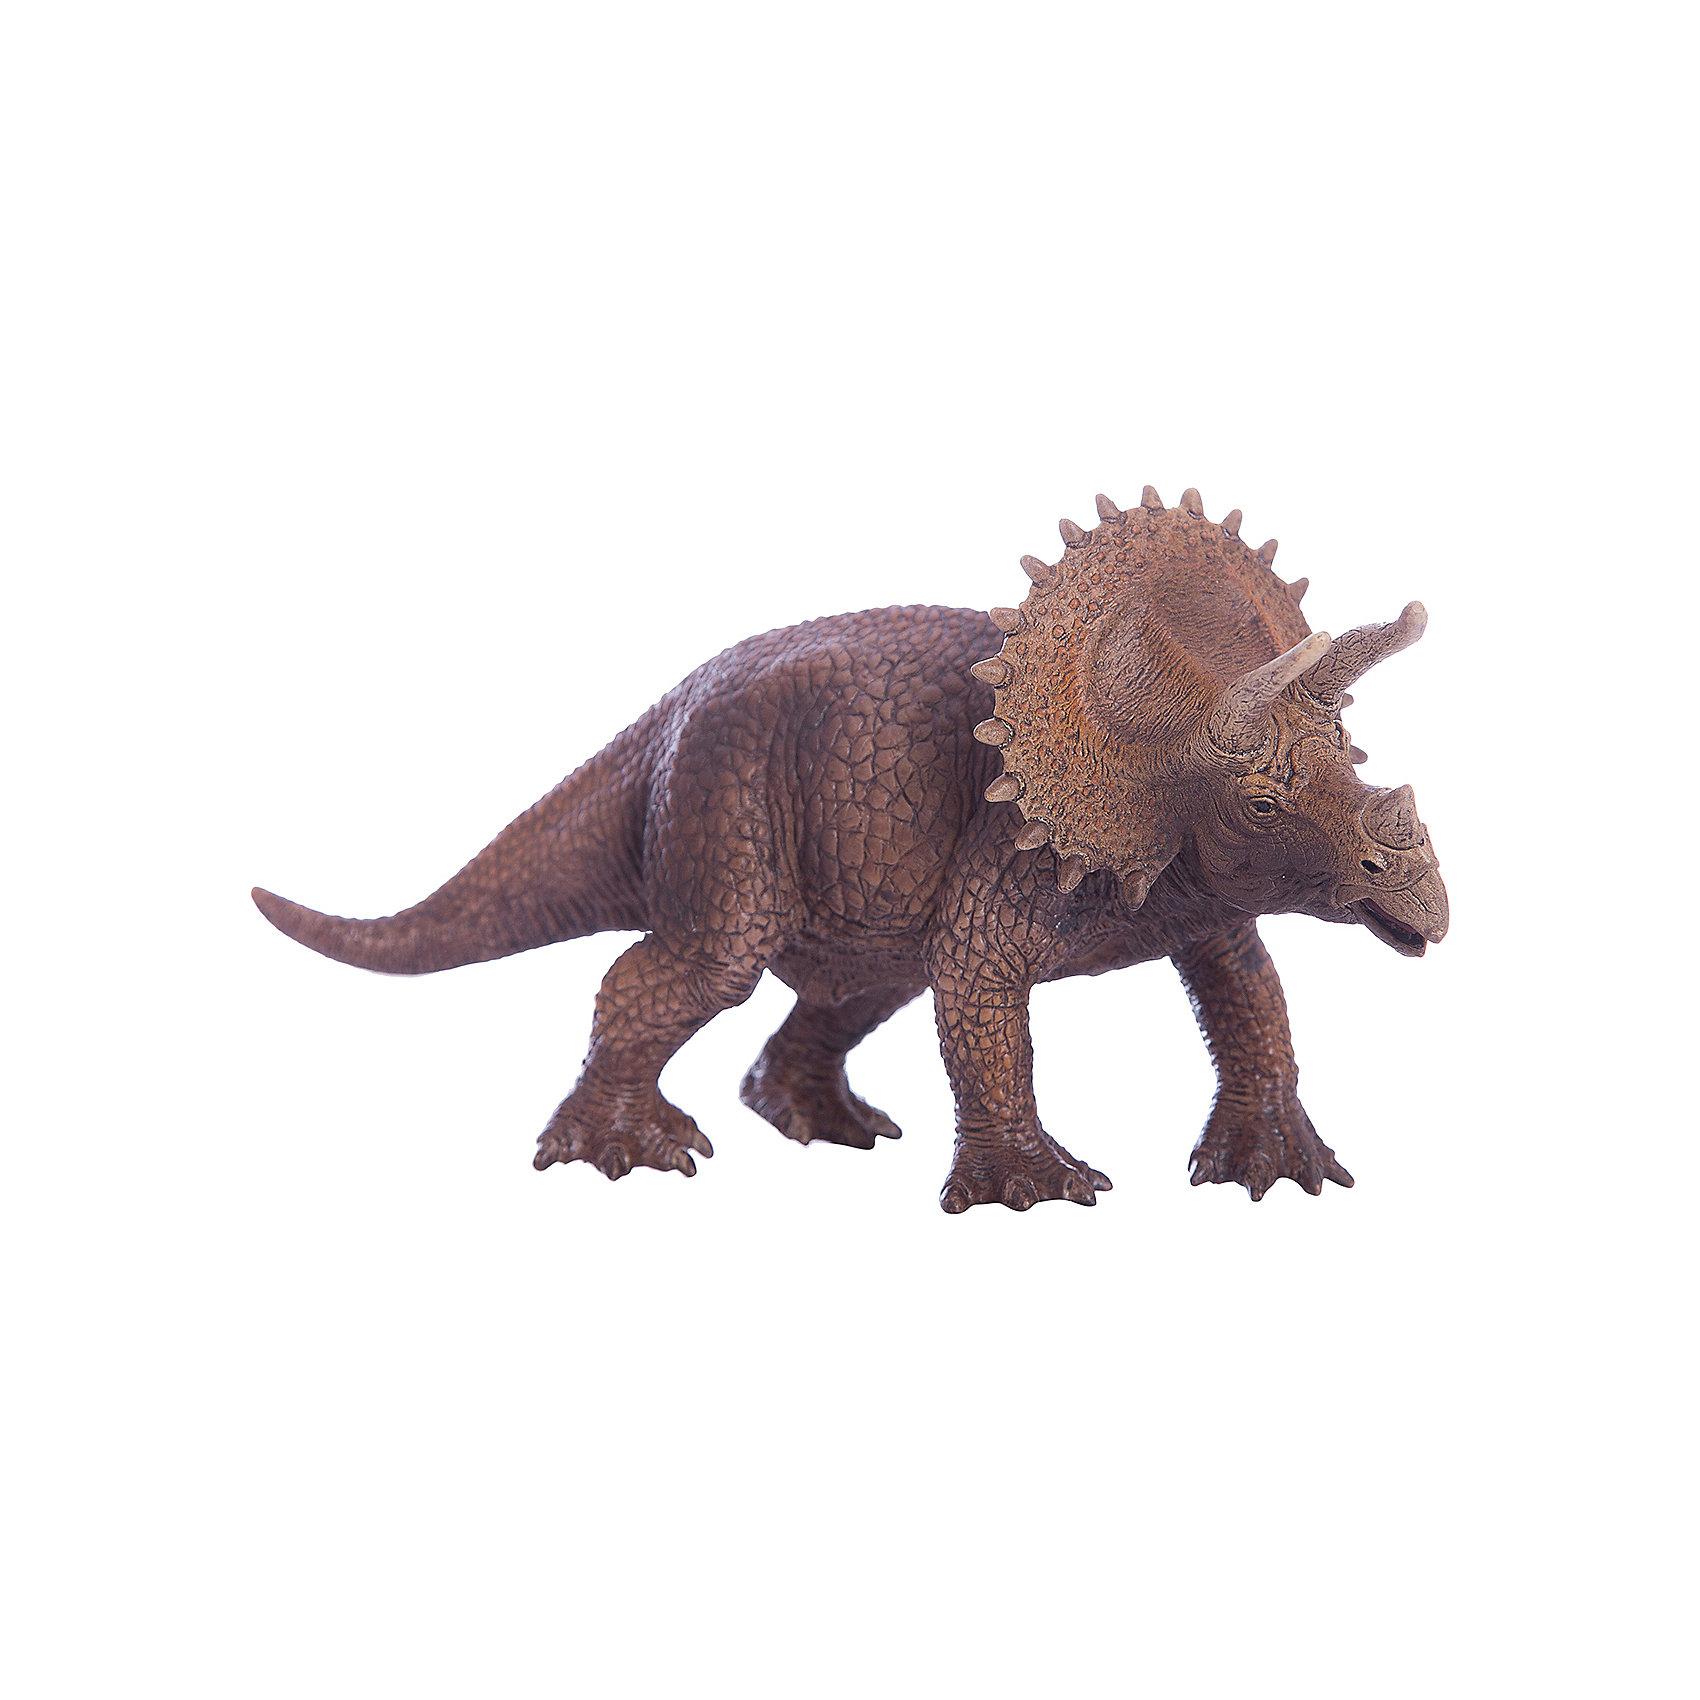 Трицераптор, SchleichМир животных<br>Трицераптор получил свое название от трех древнегреческих слов, которые переводятся на русский язык как «три», «рог», «морда, лицо». Действительно, эти животные имели три рога на голове, ходили на четырех тяжелых толстых ногах и имели хвост. Широкую известность эти динозавры получили благодаря костяному воротнику сравнительно больших размеров. До сих пор неизвестно для каких целей Трицераптор применял свои рога.<br><br>Дополнительная информация:<br><br>Материал: каучуковый пластик<br>Размеры: 20,0 ? 8,0 ? 10,5 см<br><br>Трицераптора, Schleich (Шляйх) можно купить в нашем магазине.<br><br>Ширина мм: 200<br>Глубина мм: 78<br>Высота мм: 64<br>Вес г: 278<br>Возраст от месяцев: 36<br>Возраст до месяцев: 96<br>Пол: Мужской<br>Возраст: Детский<br>SKU: 2445905